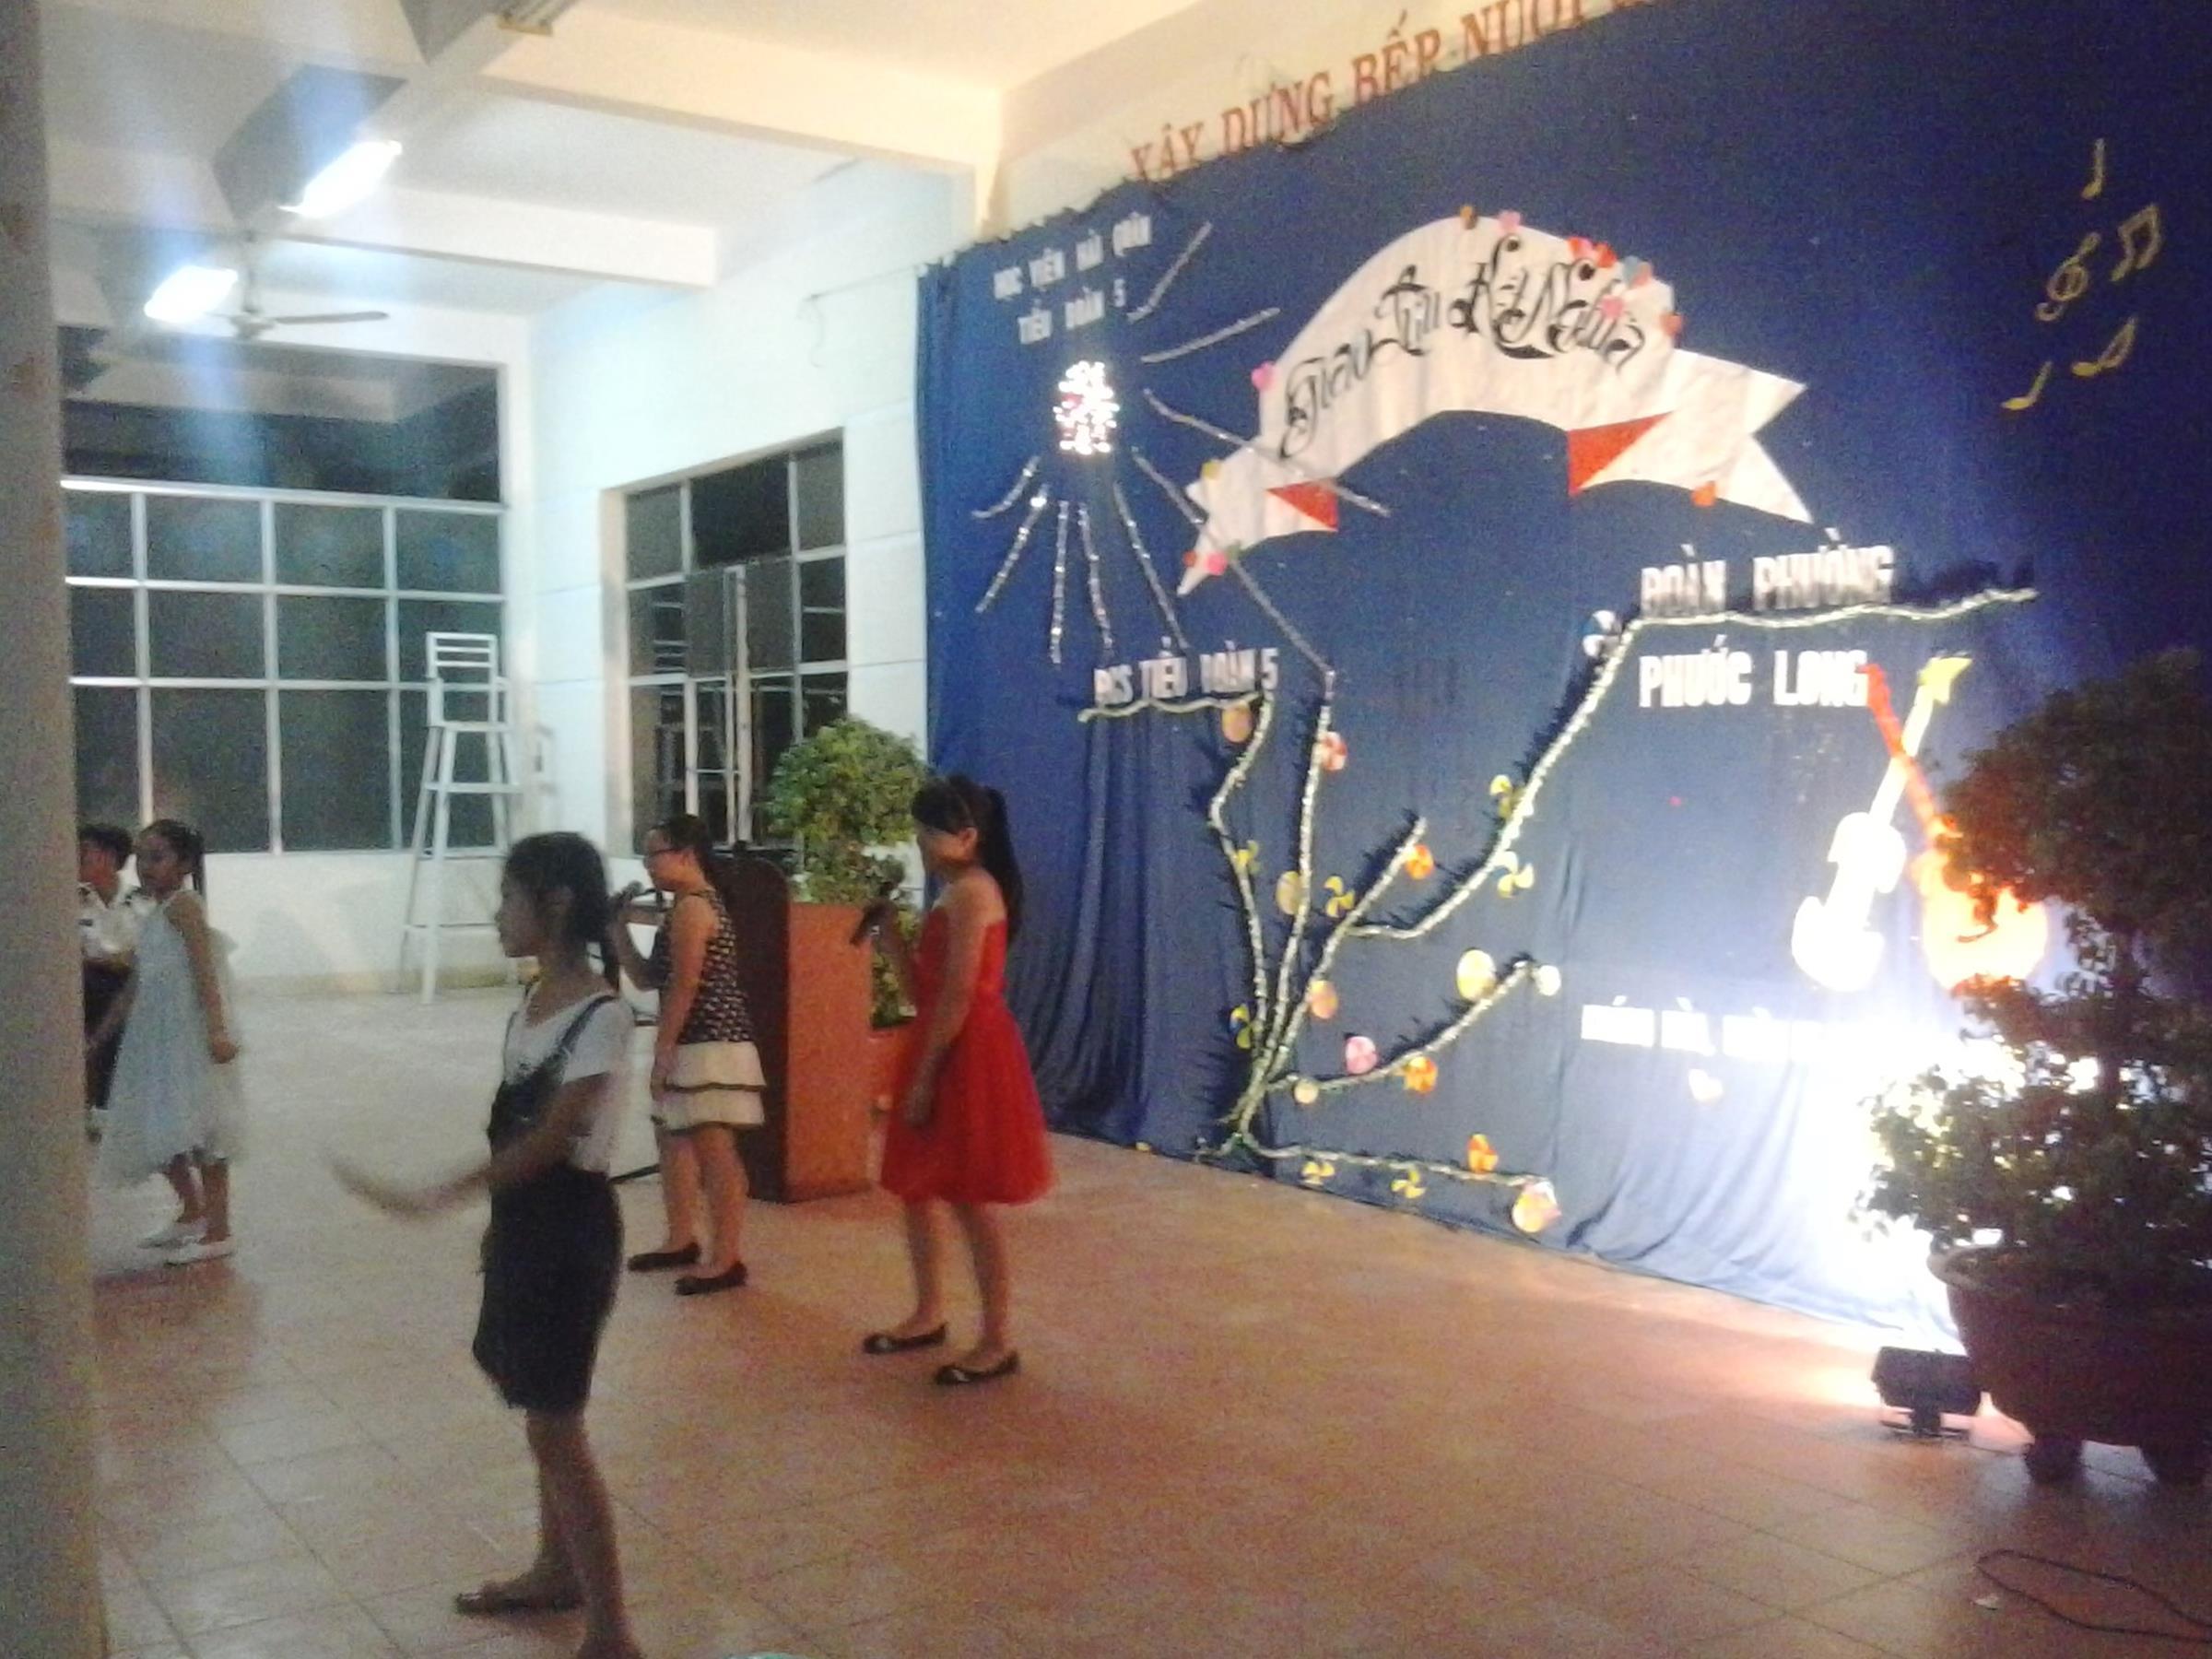 Các hoạt động chào mừng ngày thành lập Quân Đội Nhân Dân Việt Nam 22-12